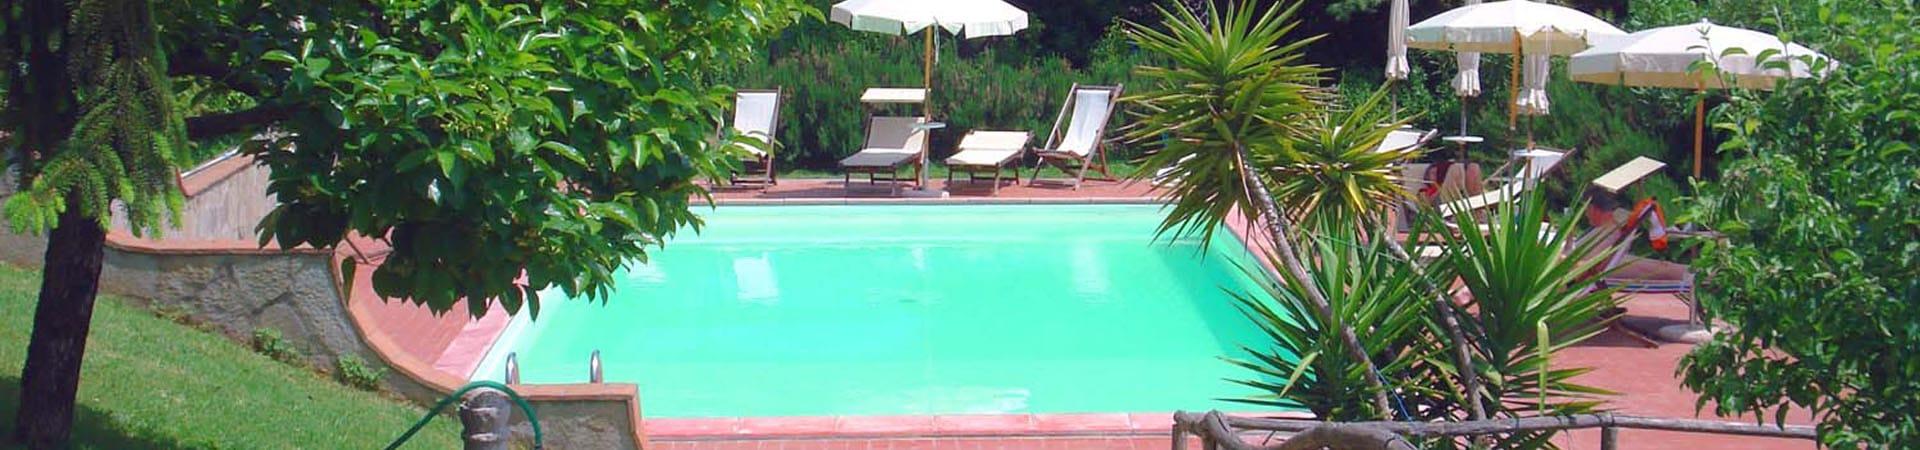 Ferienwohnung Toskana 3